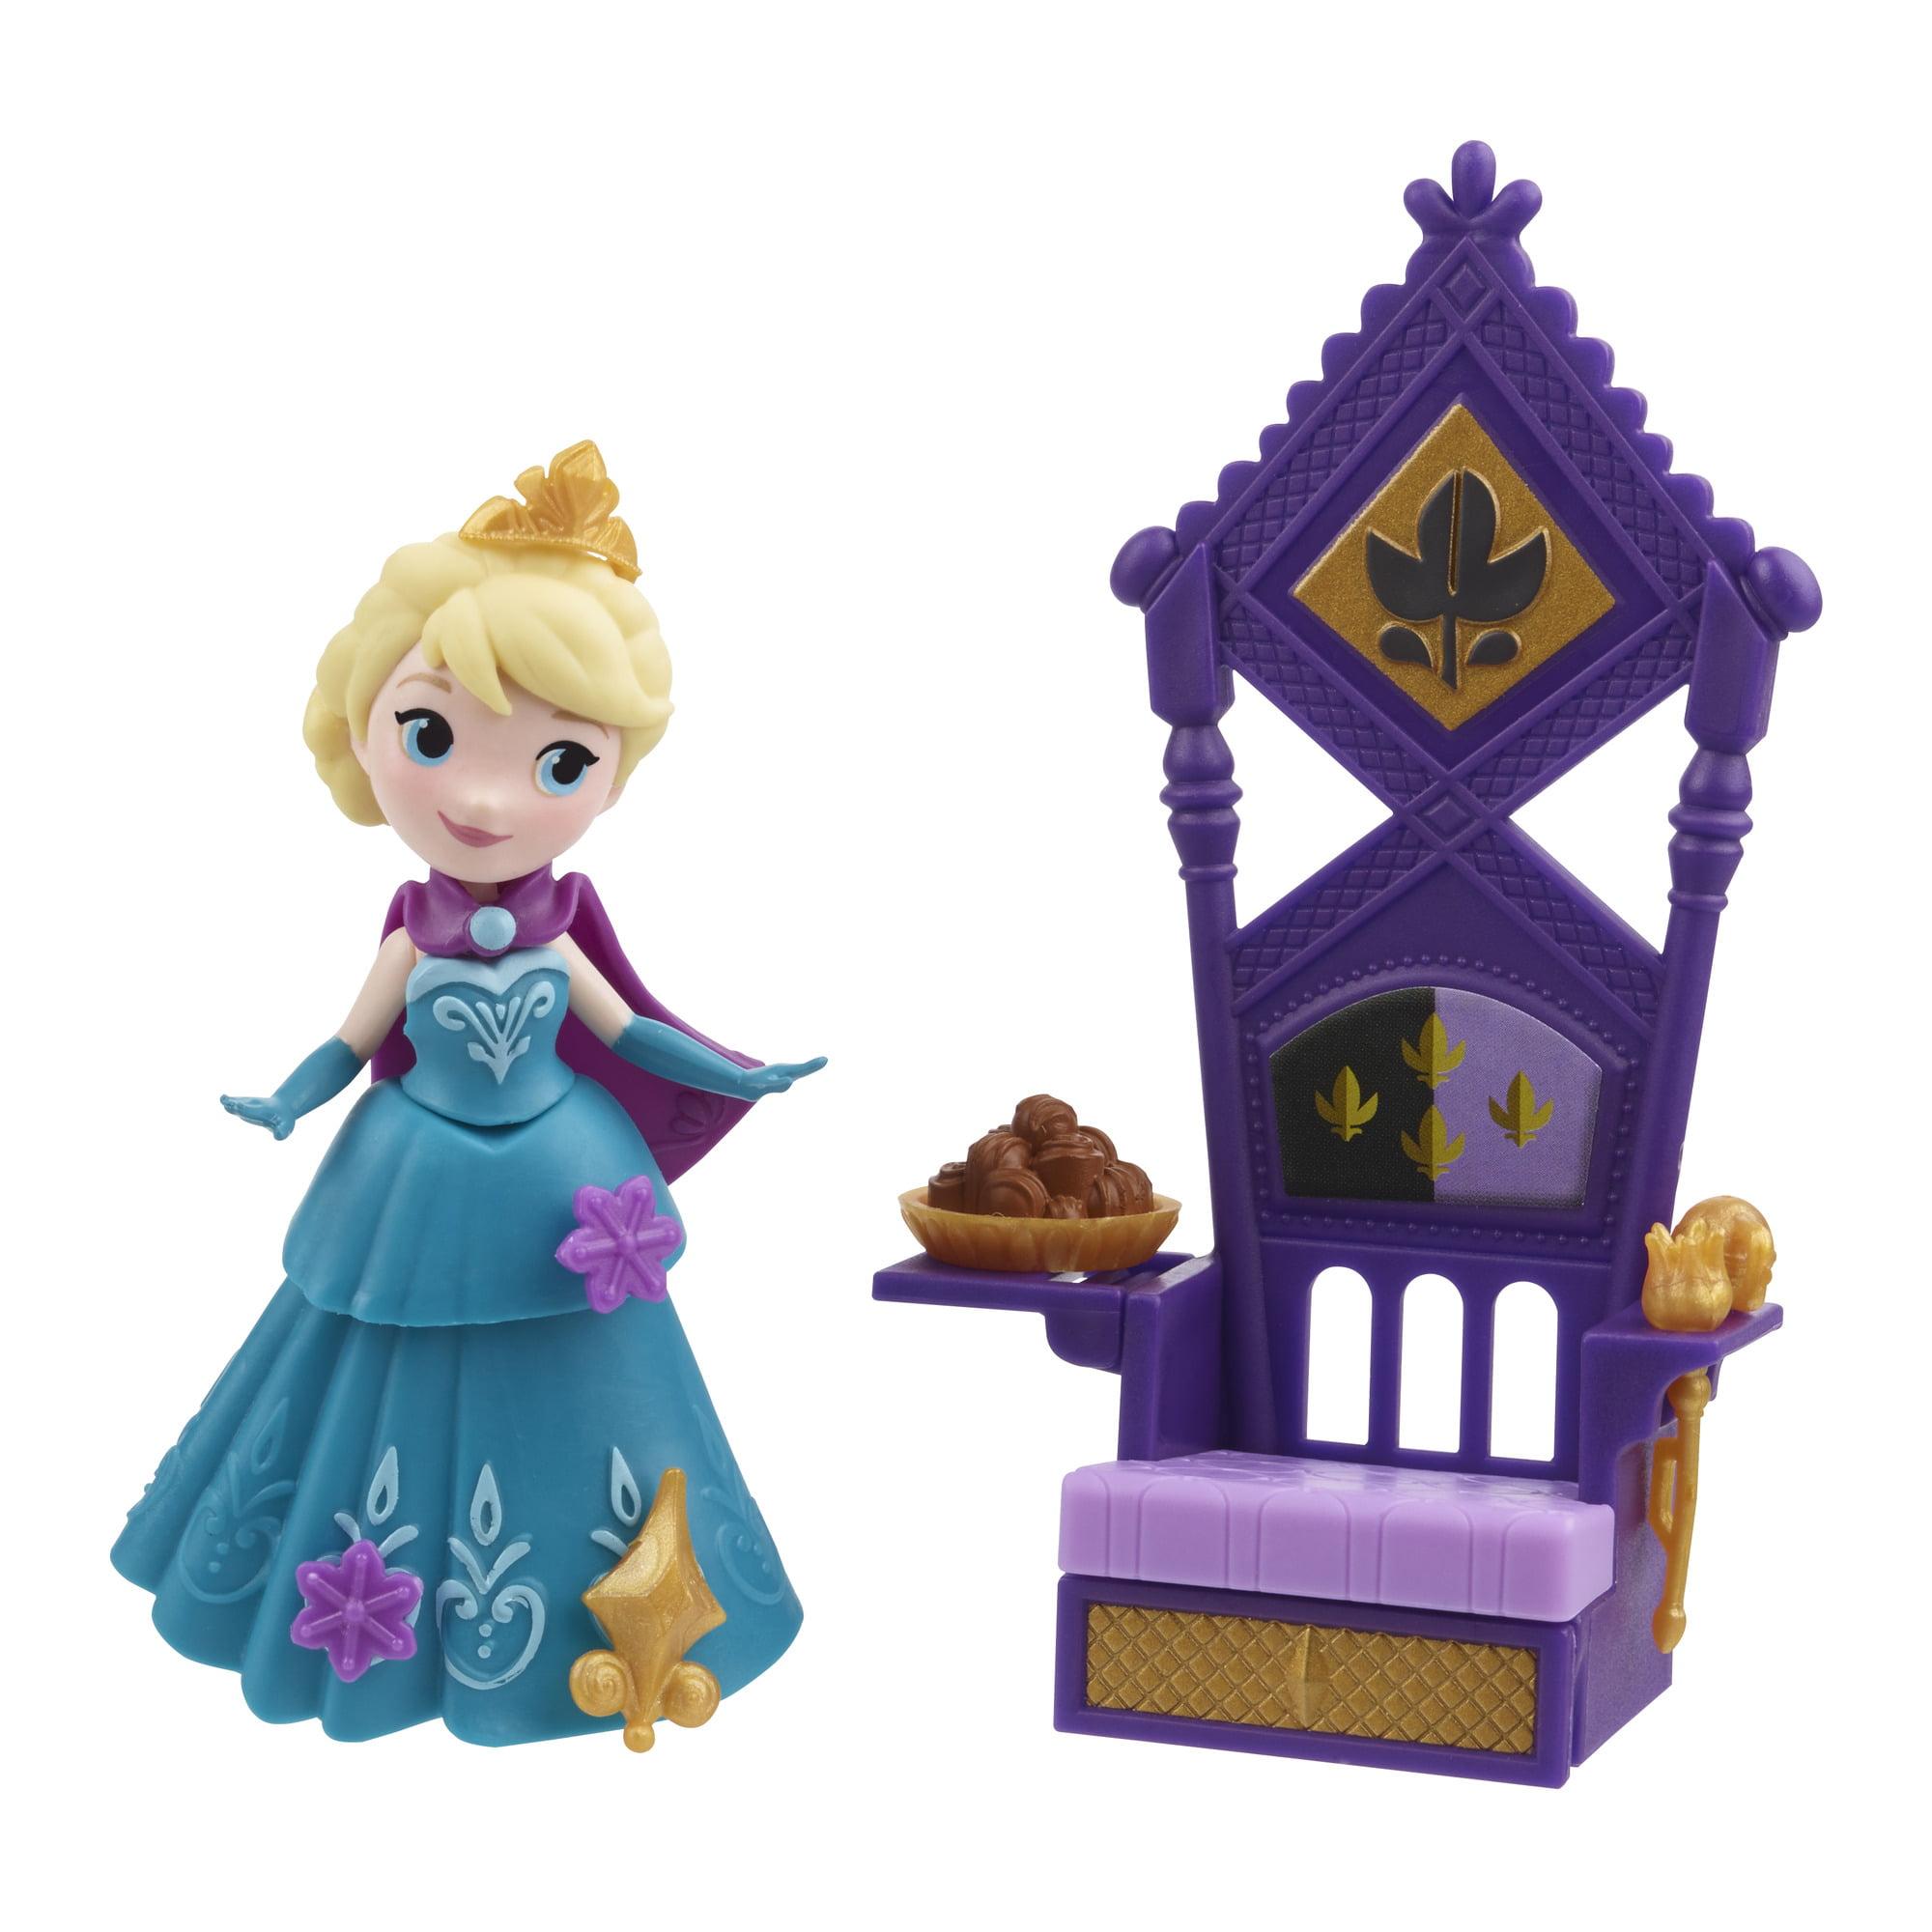 Disney Frozen Little Kingdom Elsa & Throne by Hasbro